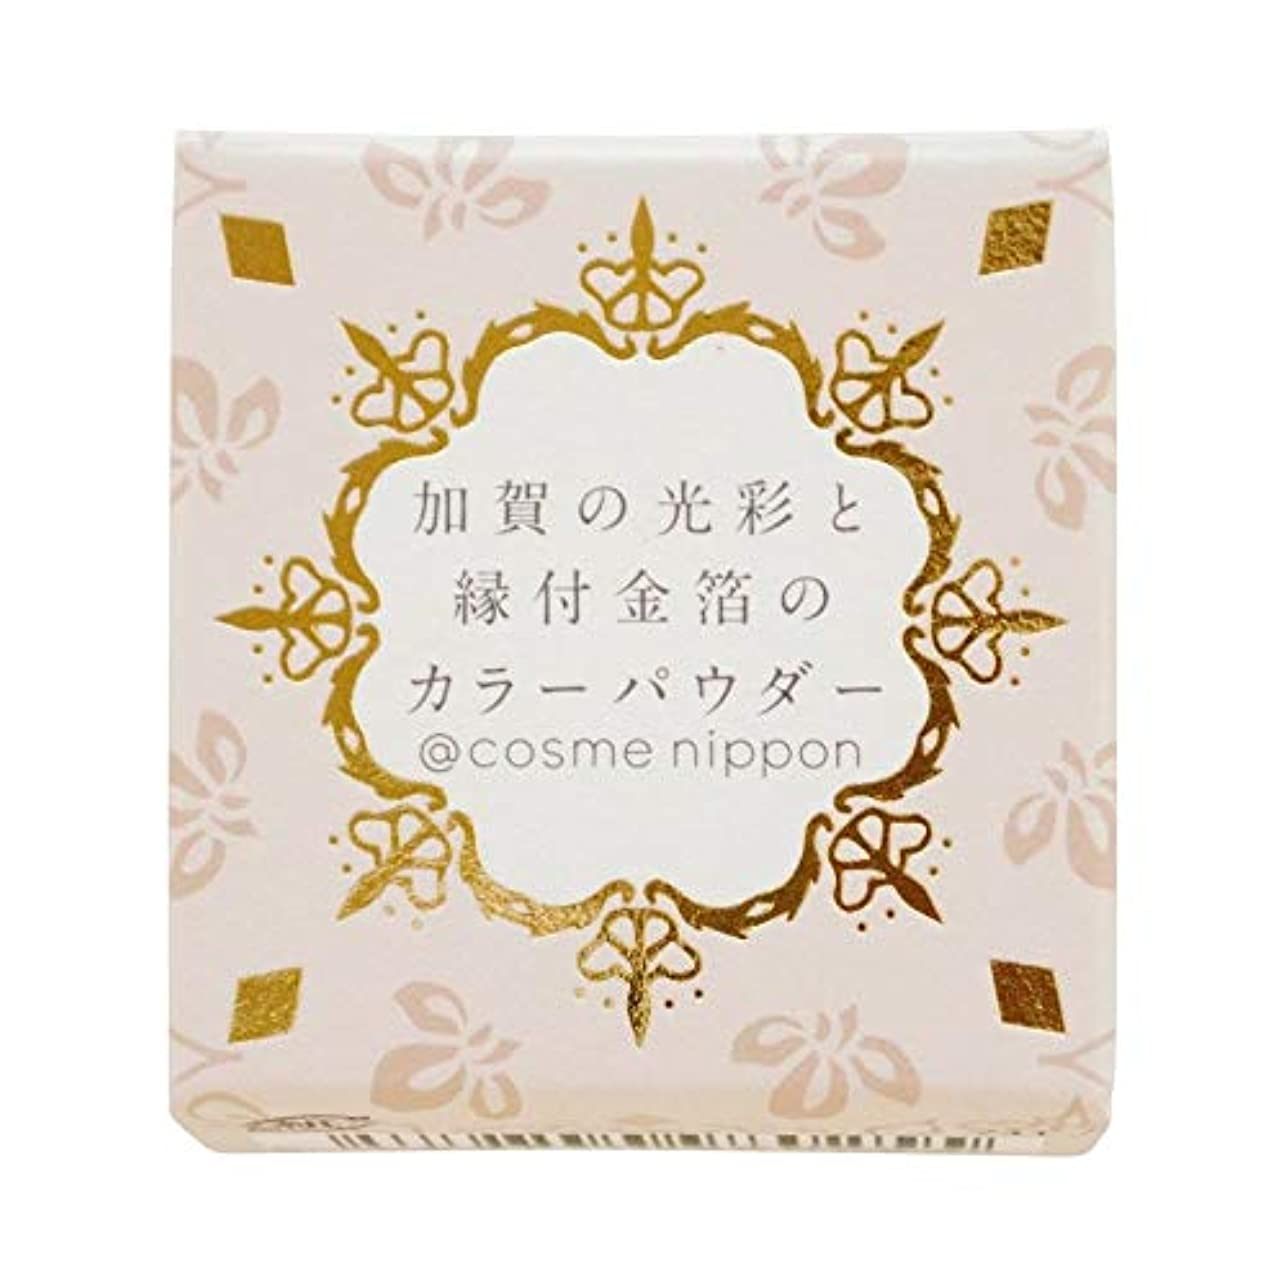 マスク談話類推友禅工芸 すずらん加賀の光彩と縁付け金箔のカラーパウダー01金色こんじき